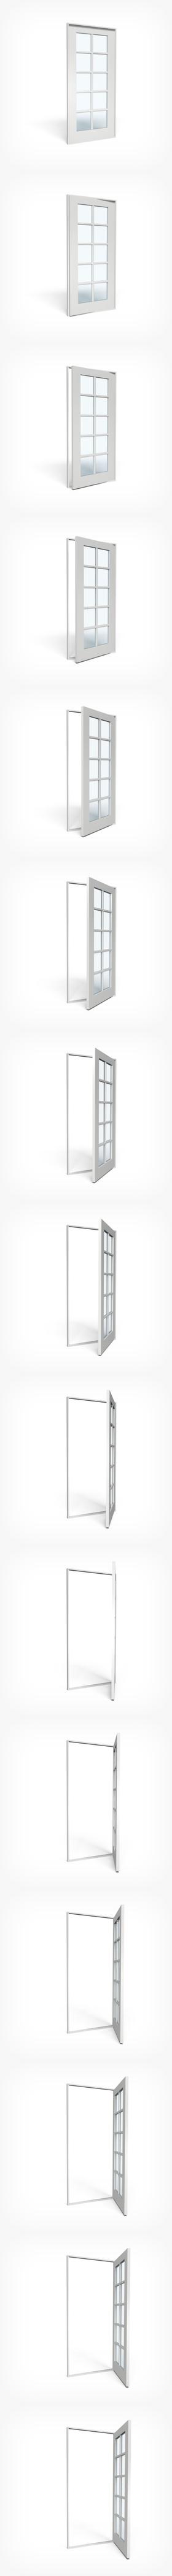 Jen Weld Bifold Doors 280 x 4200 · 183 kB · png